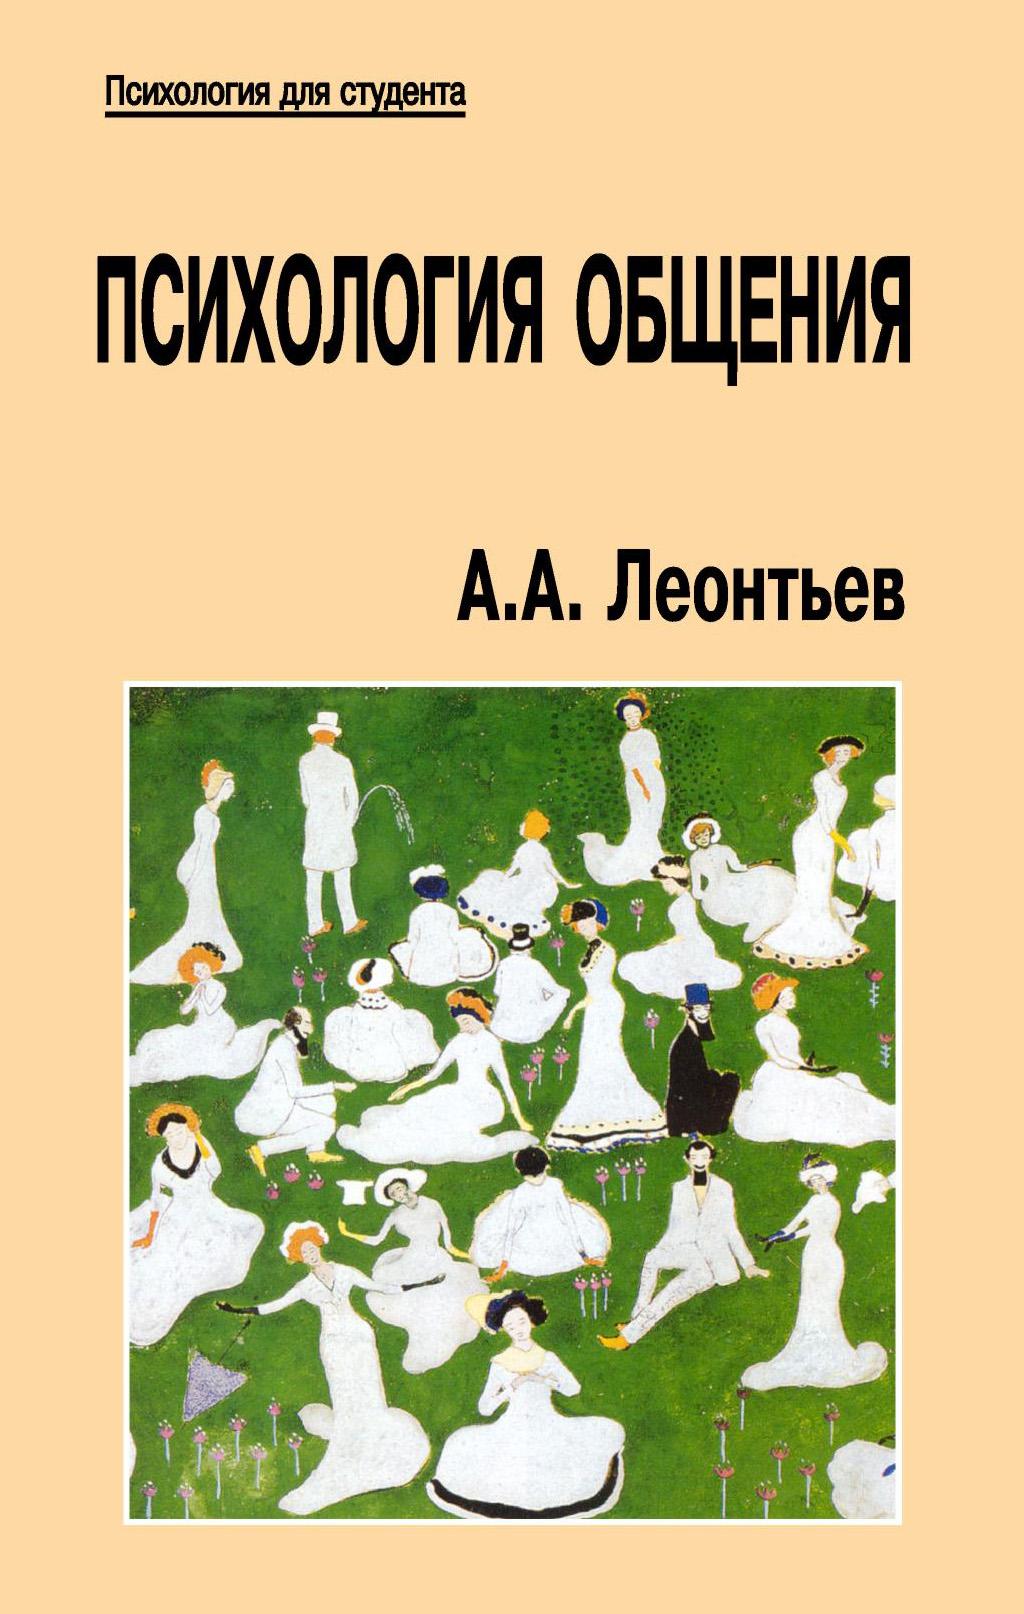 А. А. Леонтьев Психология общения цена